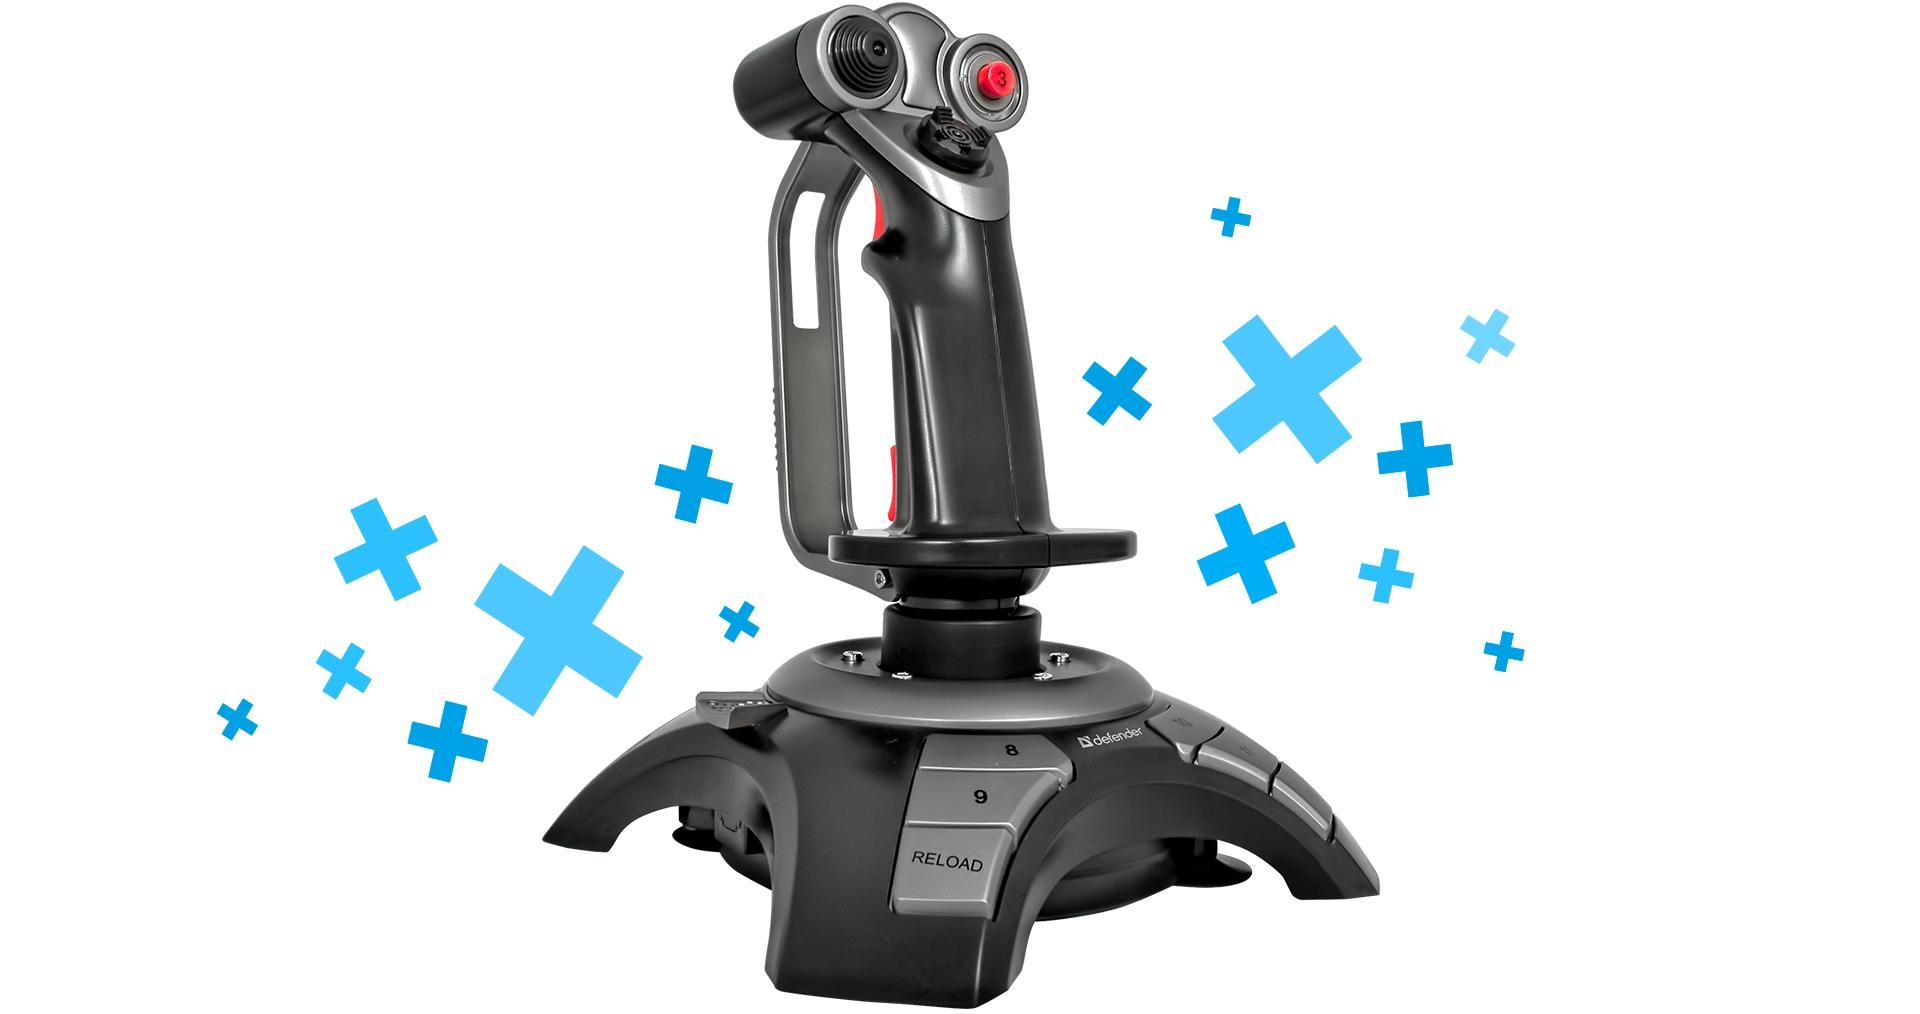 Cenově dostupný herní joystick Defender Cobra R4 je kombinací dobré výbavy, solidního provedení a zajímavé ceny.